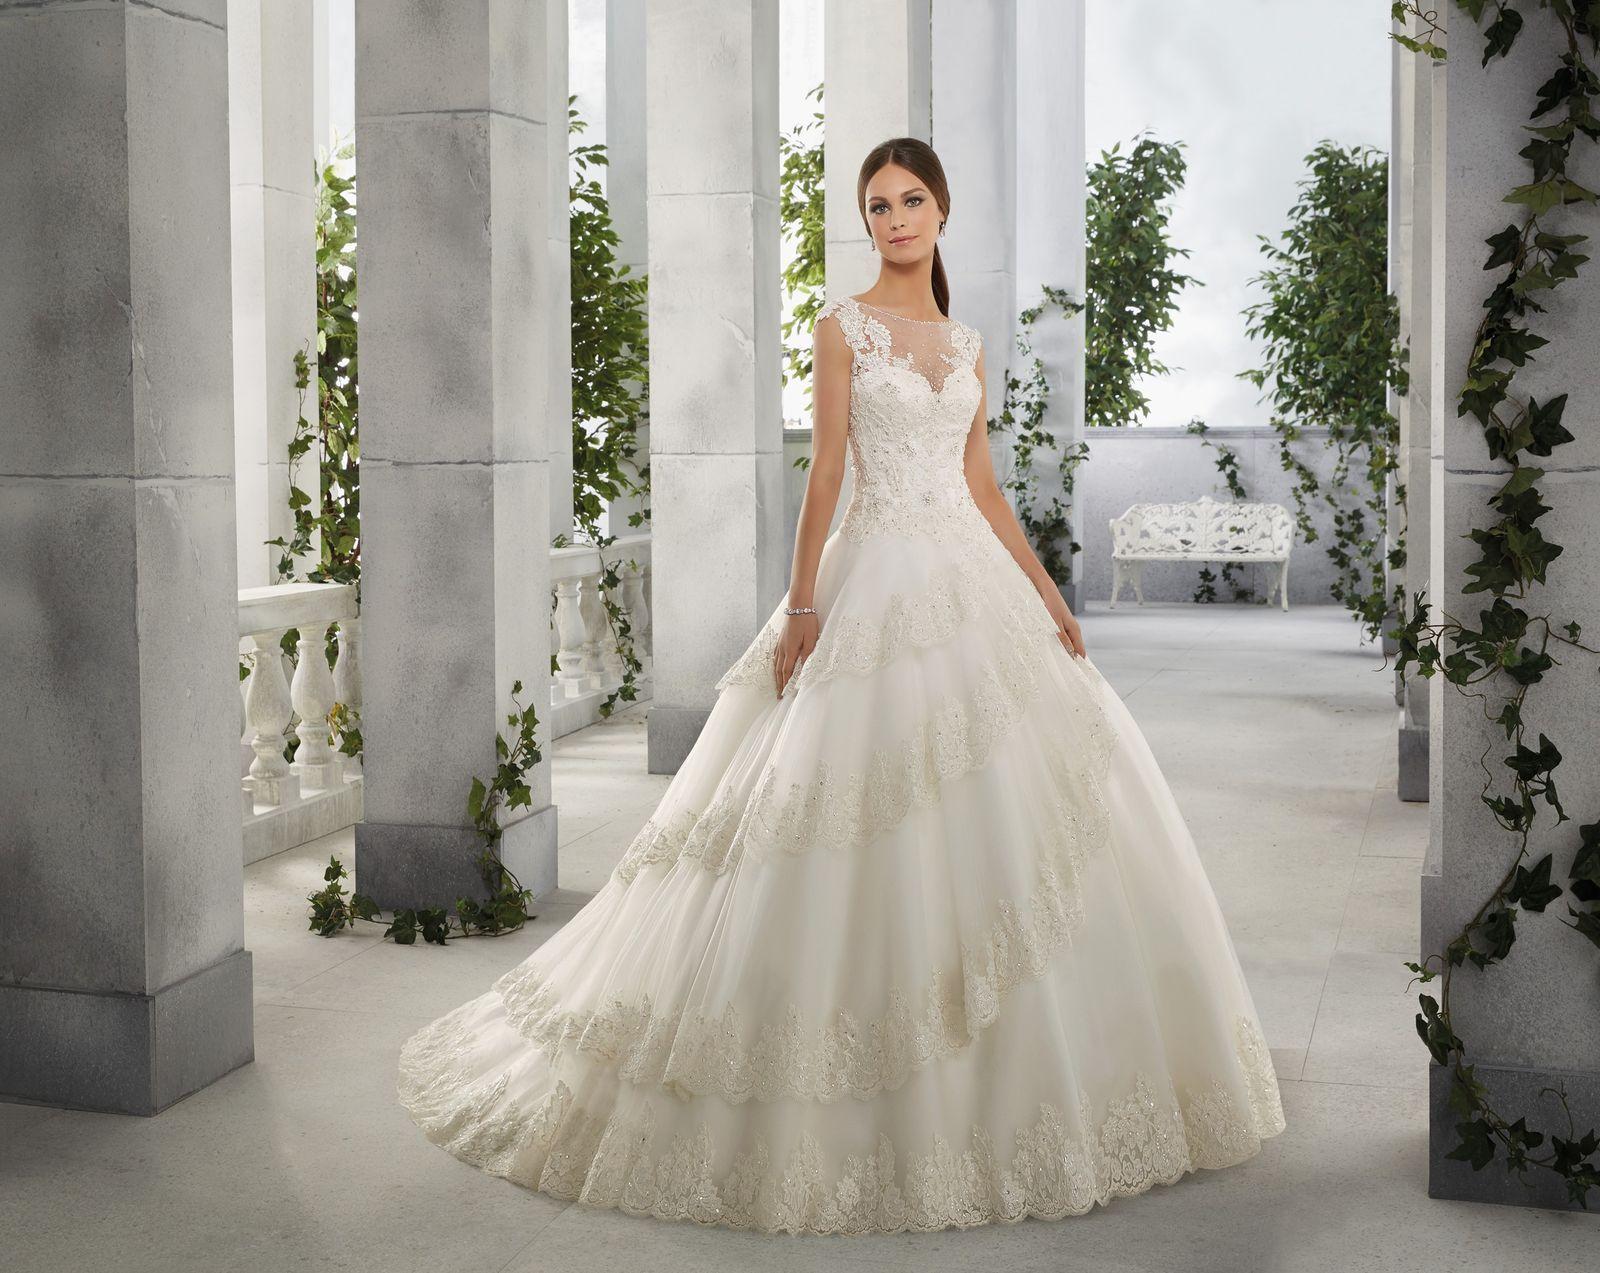 Fern Wytworna Suknia ślubna Madeline Gardner Z Koronkowym Trenem Na